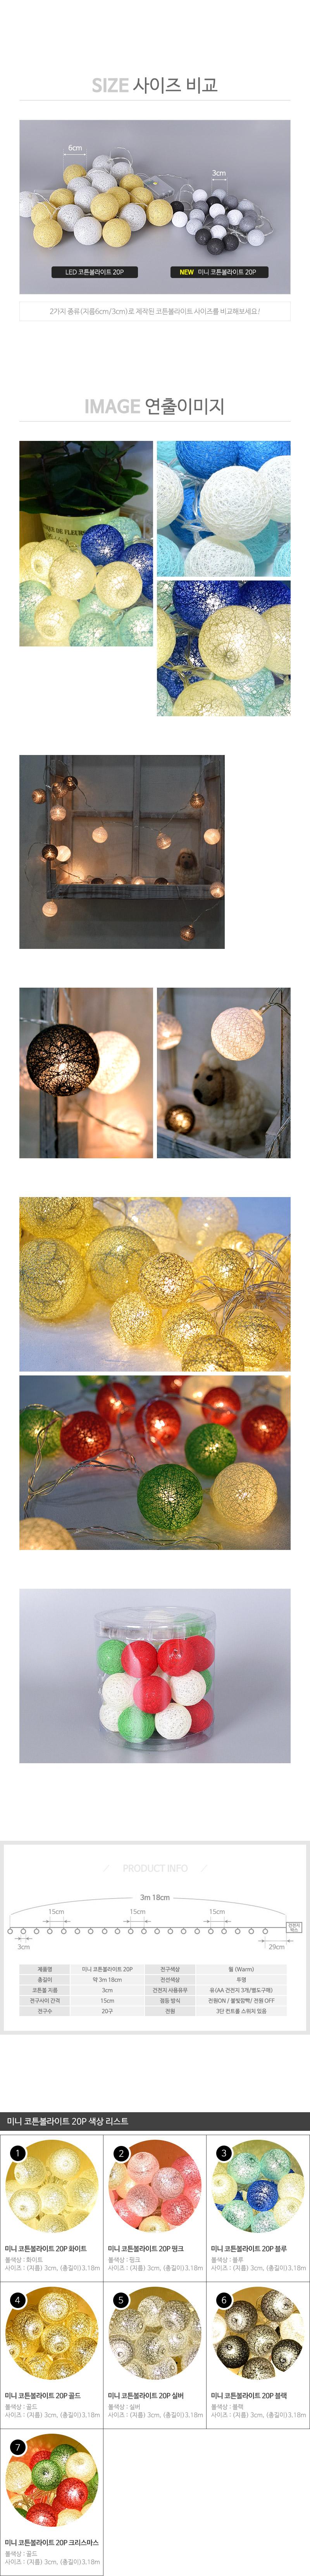 미니 코튼볼라이트 20P _partypang - 파티팡, 9,900원, 크리스마스, 전구/조명